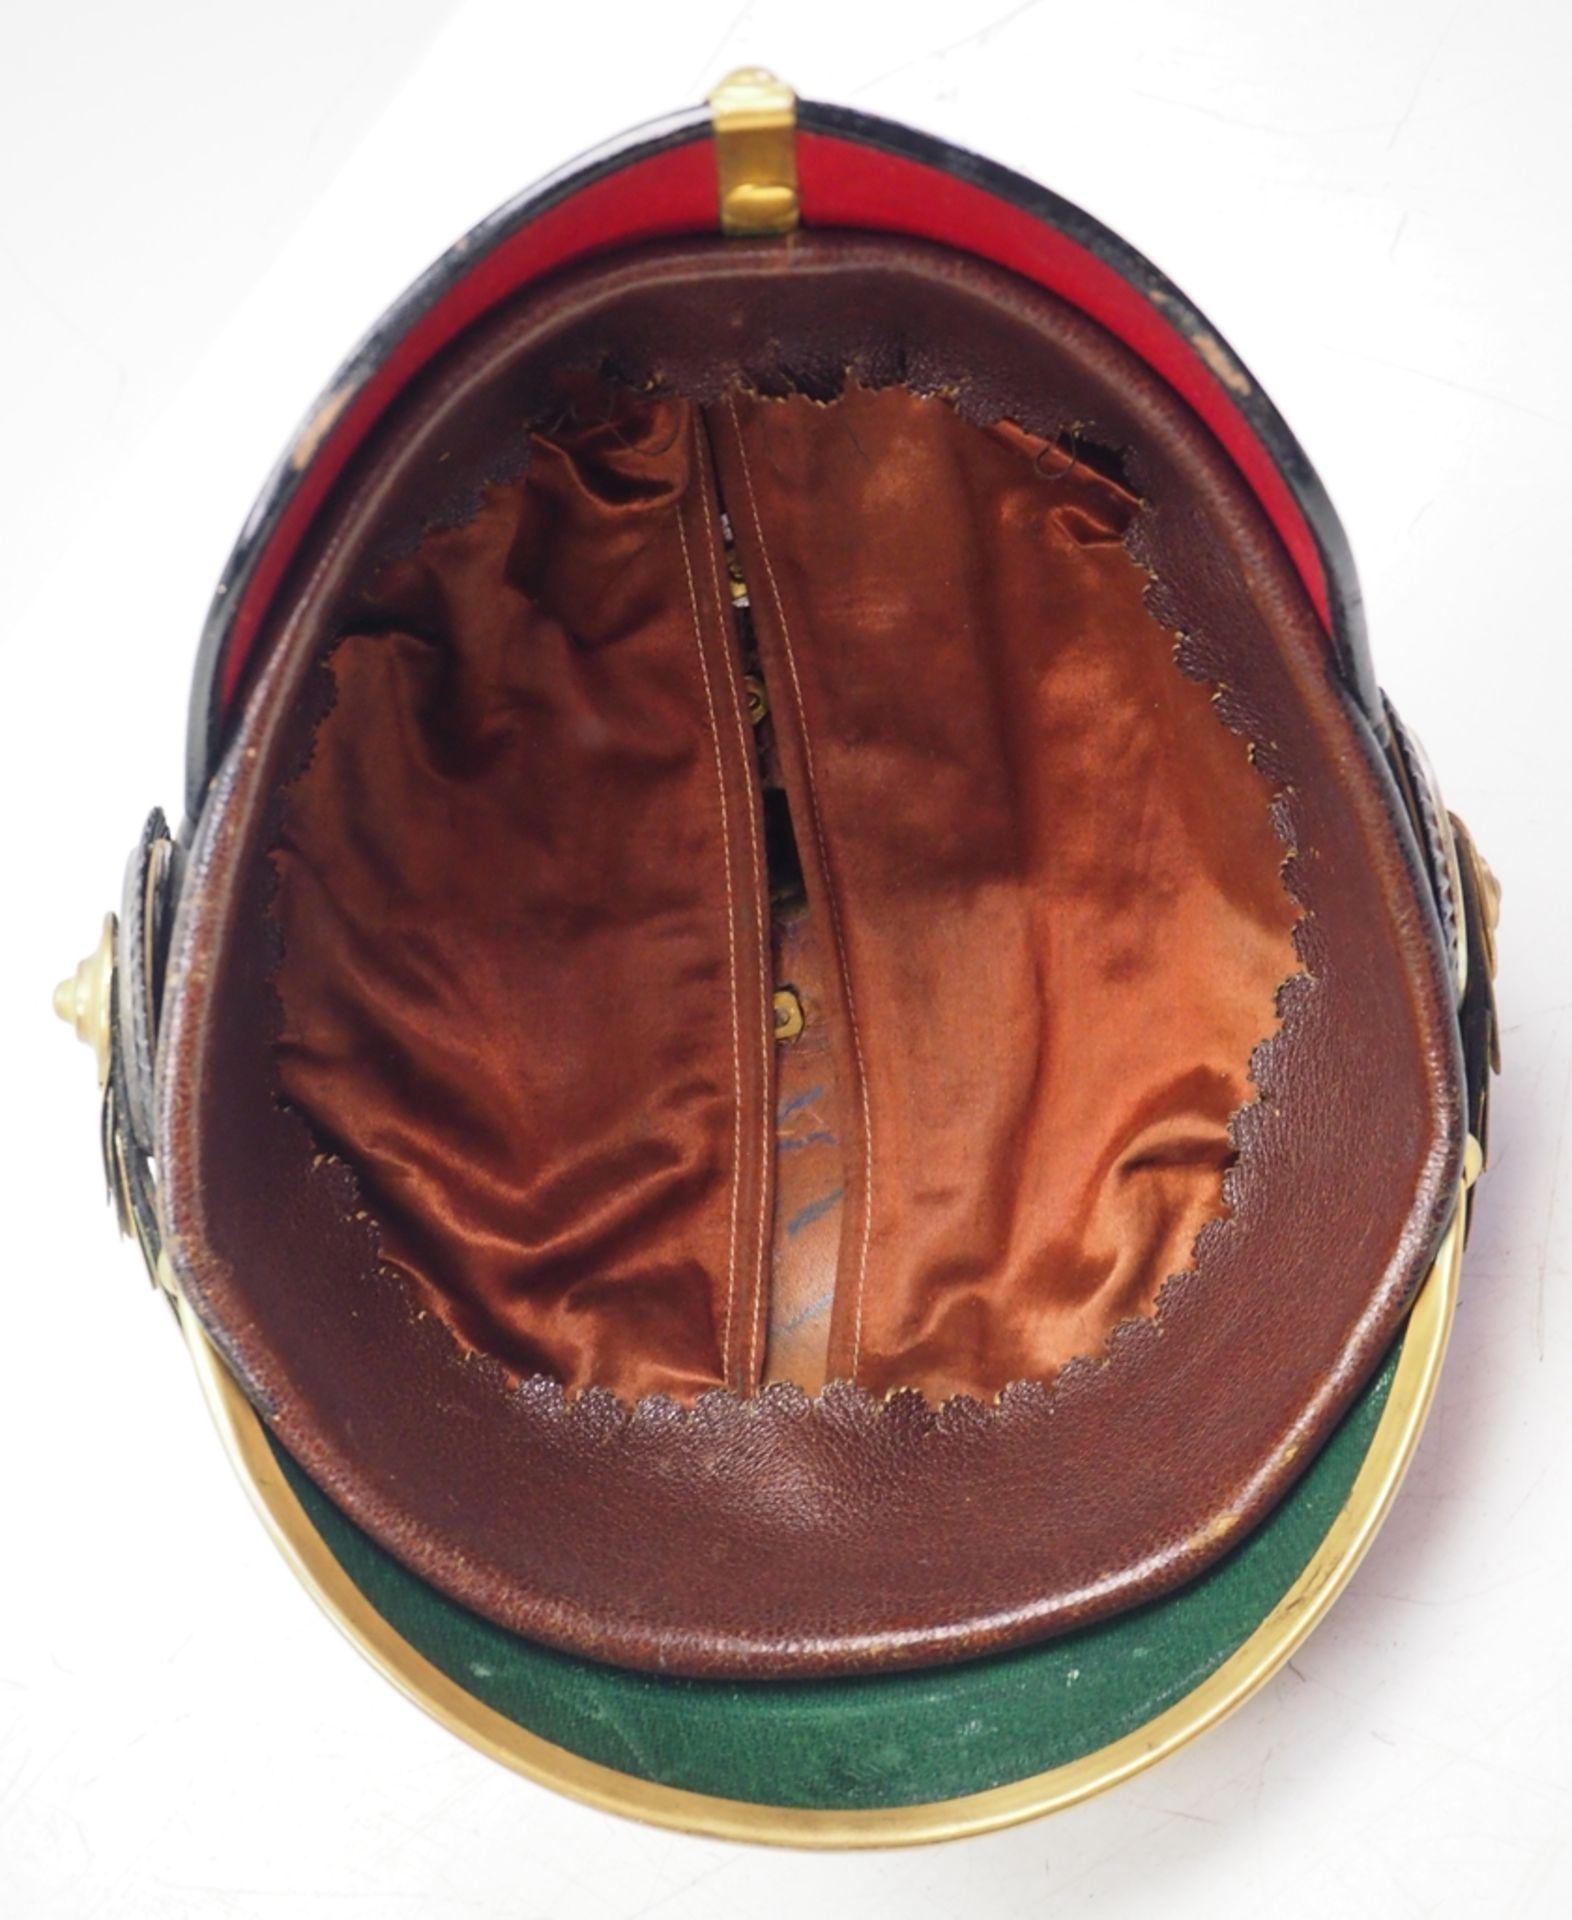 Preussen: Helm für Offiziere der Garde-Grenadier-Regimenter, in Dienstausführun - Bild 5 aus 5